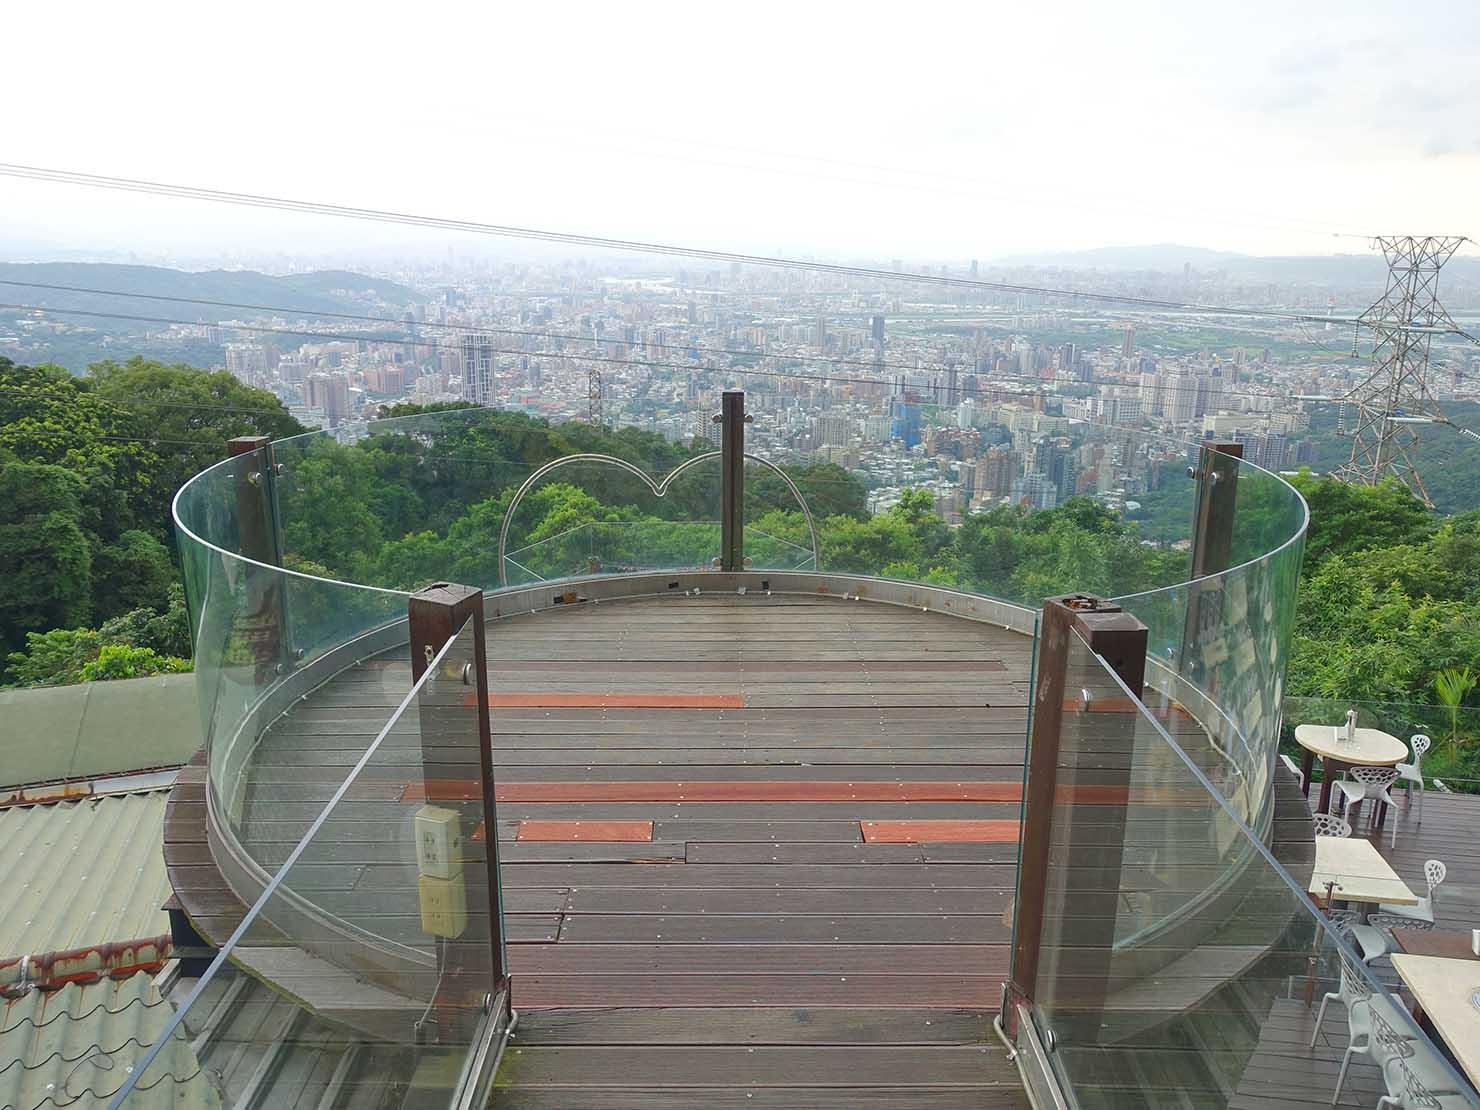 台北・陽明山のレストラン「草山夜未眠」の展望台